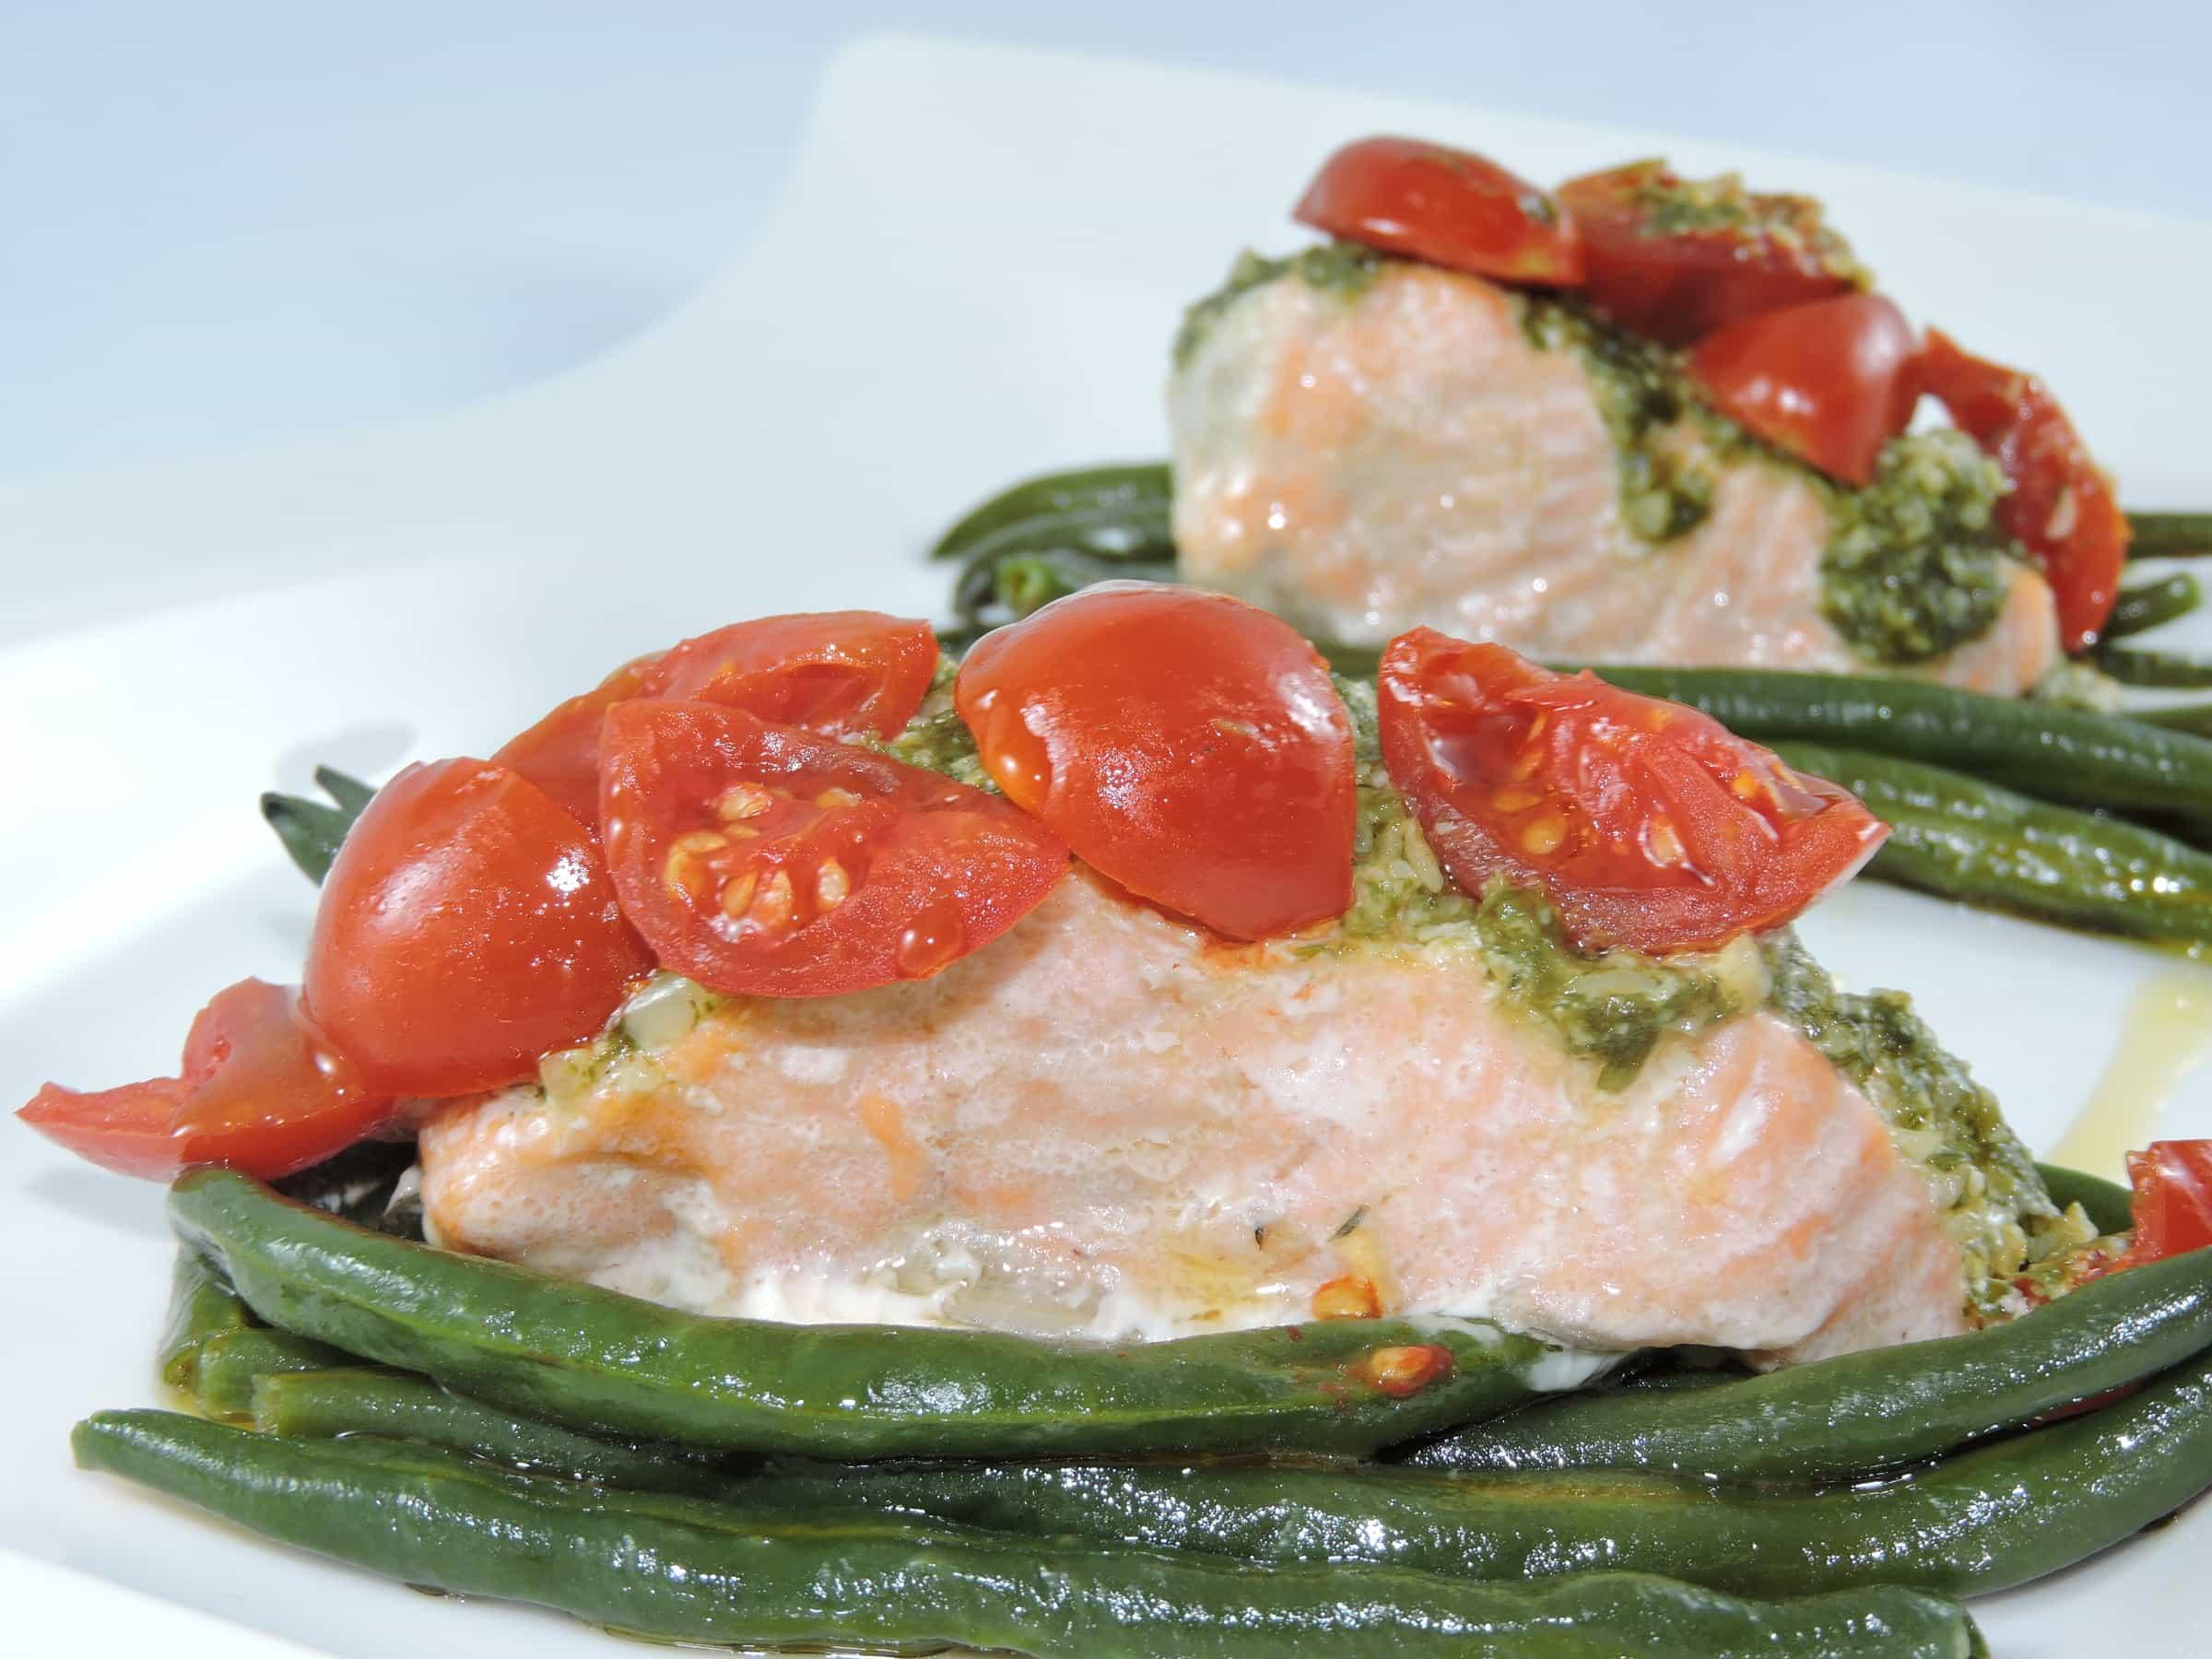 salmone al forno su letto di fagiolini al gusto di pesto e datterini